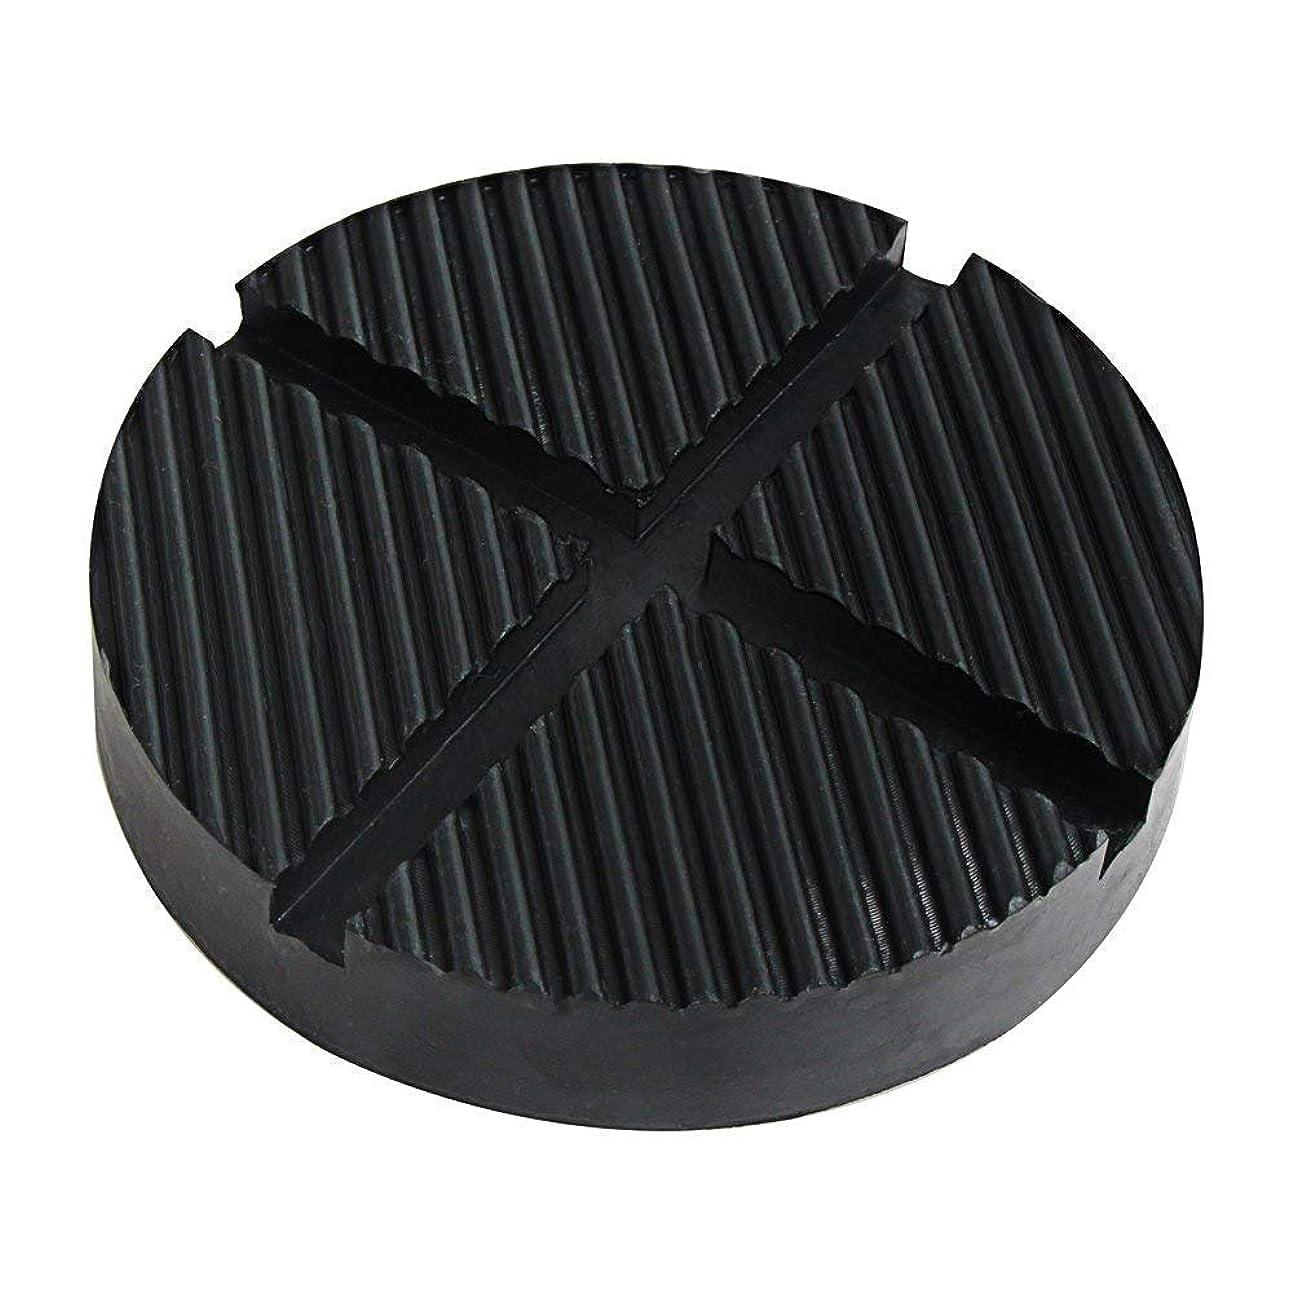 未接続黒くする混乱グローブ付きラバージャックパッド125 x 26mm黒、トロリーとリフティングプラットフォーム 様々なフロアジャッキ汎用タイプ アルカンジャッキ スロット付きフレームレールプロテクター